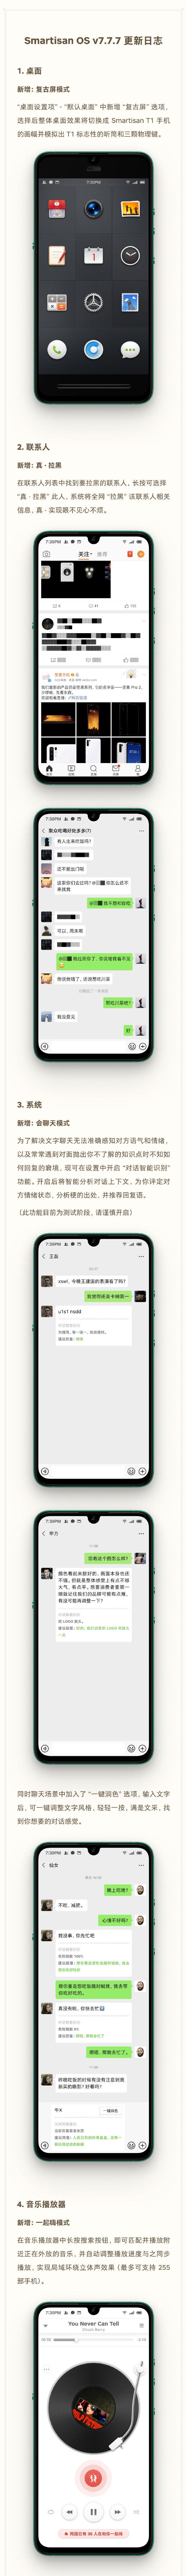 坚果手机愚人节 Smartisan OS v7.7.7 开始公测